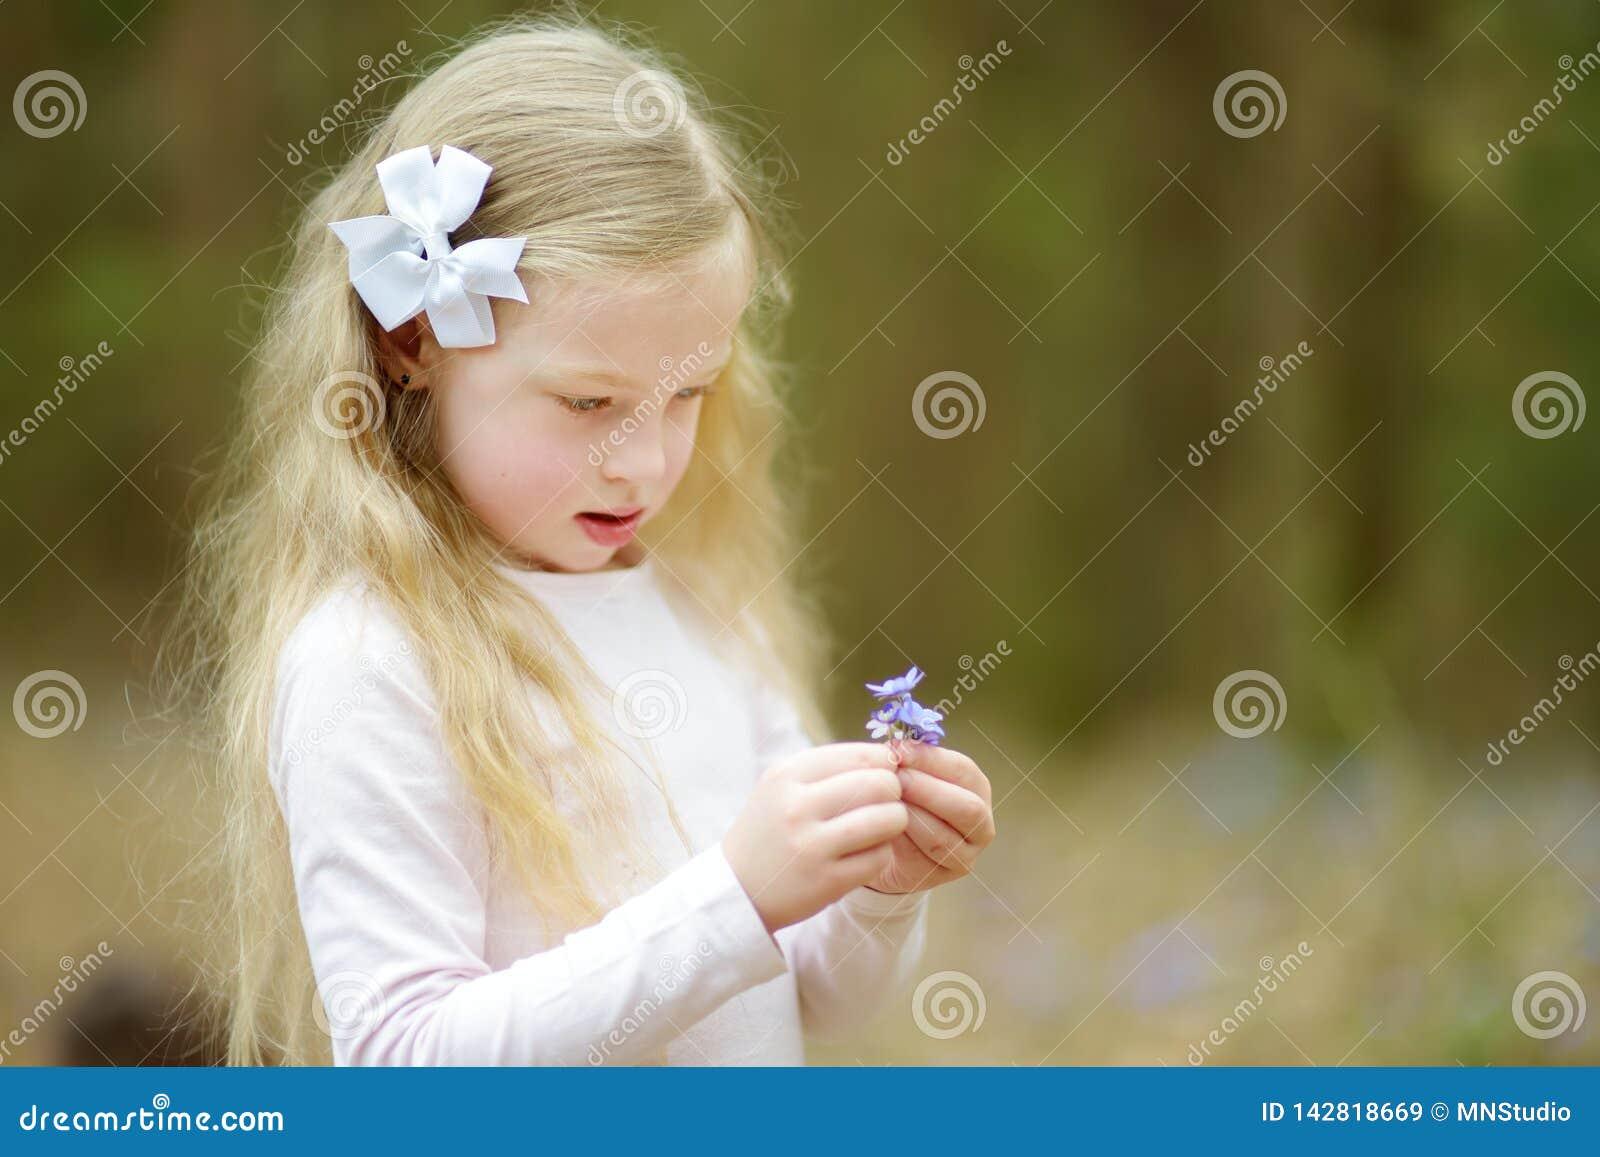 Entzückendes kleines Mädchen, welches im Wald die ersten Blumen des Frühlinges am schönen sonnigen Frühlingstag auswählt